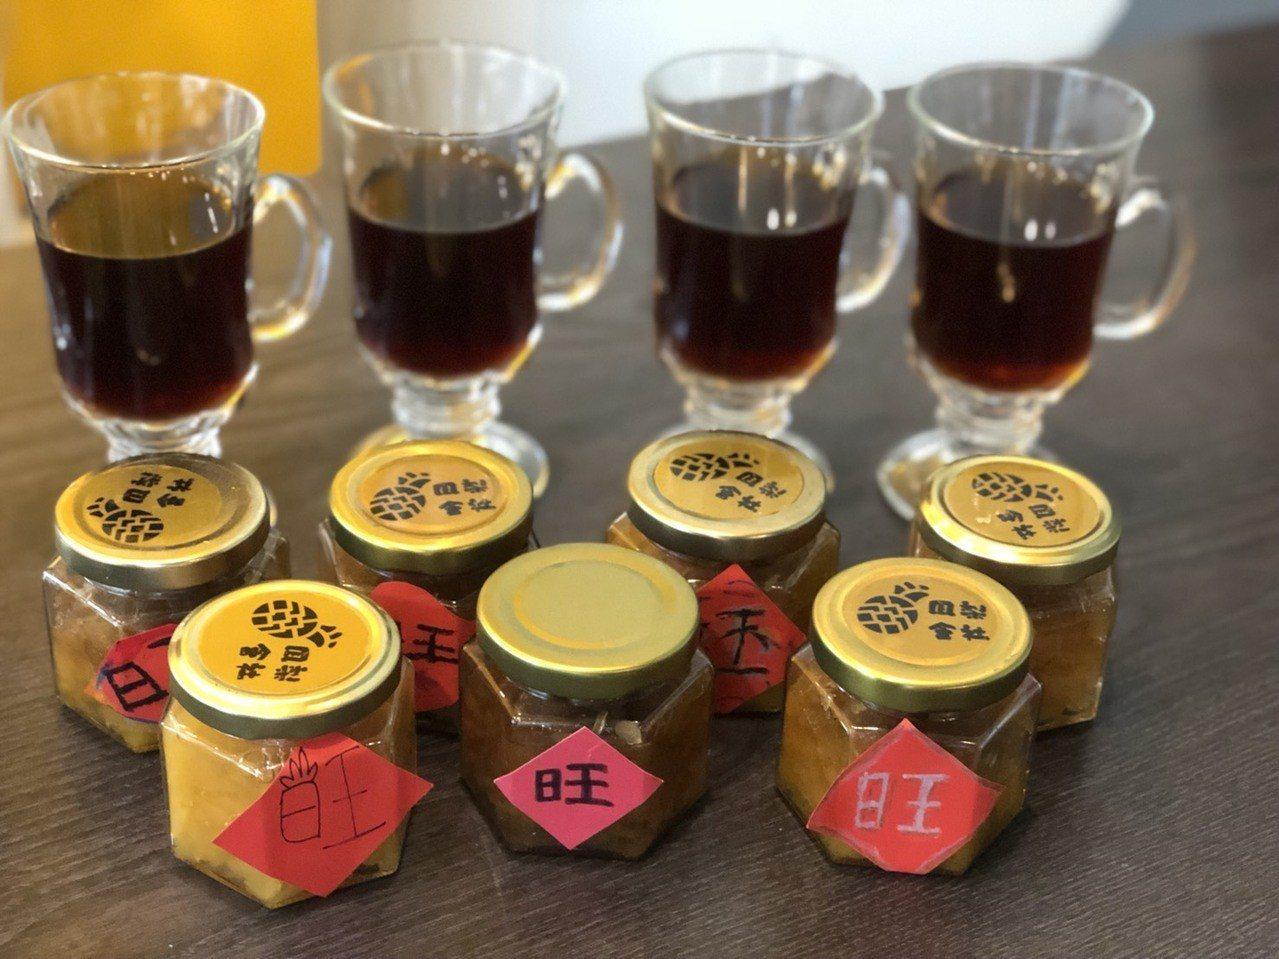 社區推出的鳳梨醬等產品。記者王慧瑛/攝影